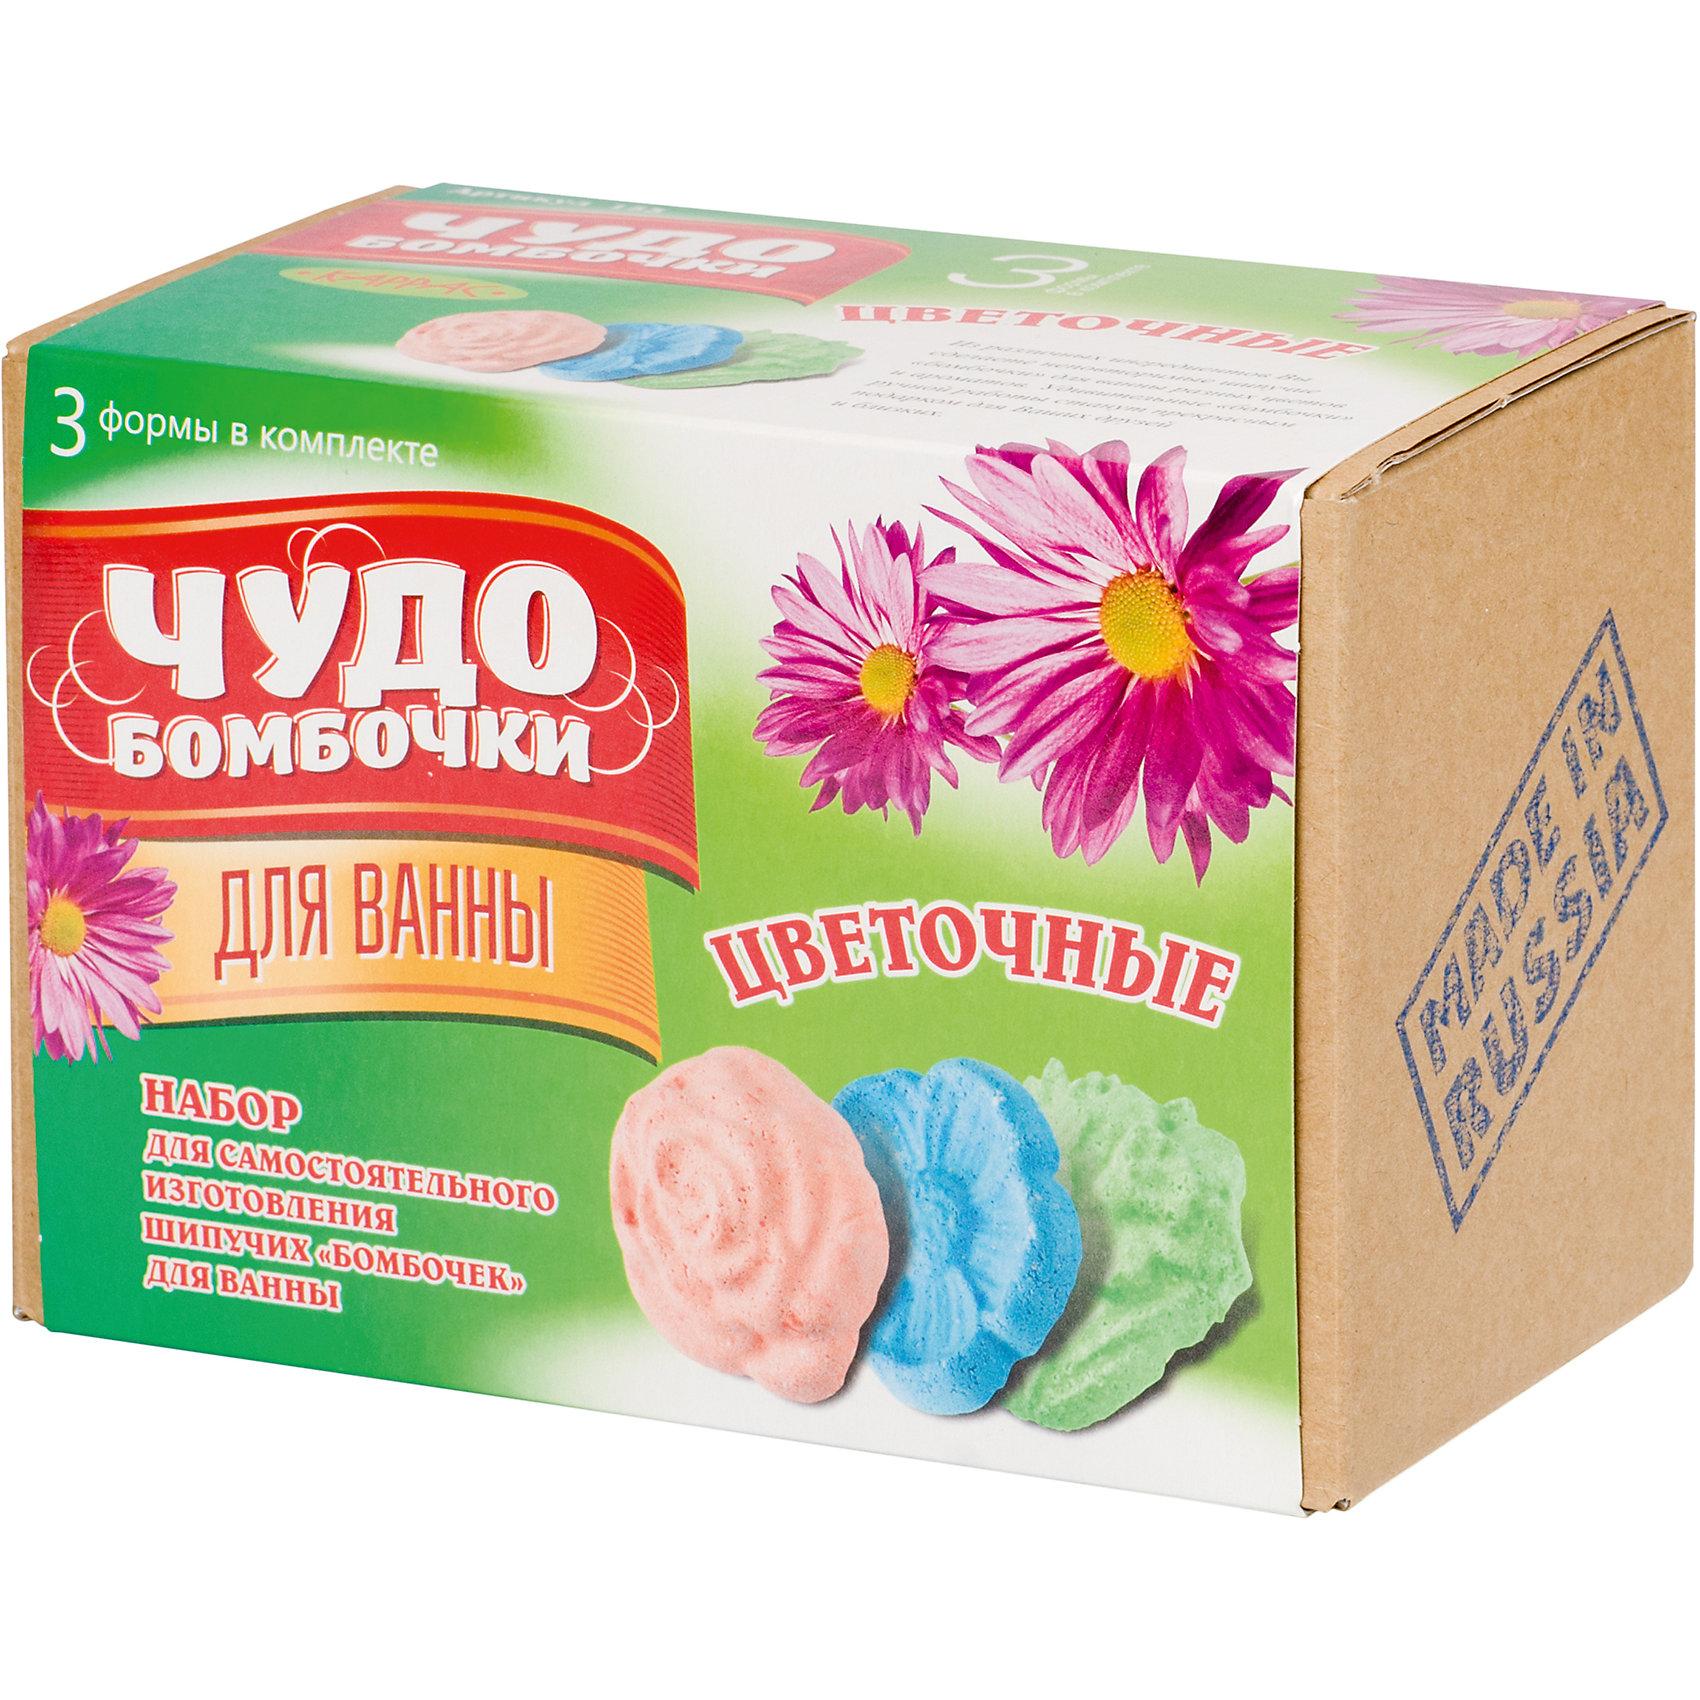 Чудо бомбочки ЦветочныеКосметика, грим и парфюмерия<br>Из различных ингредиентов Вы сделаете неповторимые шипучие «бомбочки» для ванны самых разных цветов и ароматов. Удивительные «бомбочки»  ручной работы станут прекрасным подарком для Ваших друзей и близких.<br><br>Формы для бомбочек (3 шт.)<br> Компонент № 1 <br> Компонент № 2<br> Натуральные пищевые красители (2 шт.)<br> Натуральные ароматизаторы (1 шт.)<br> Стаканчик для размешивания (1 шт.)<br> Деревянные палочки (4 шт.)<br> Ложечка мерная (1 шт.)<br> Защитные перчатки (2 пары)<br><br>Ширина мм: 182<br>Глубина мм: 122<br>Высота мм: 102<br>Вес г: 431<br>Возраст от месяцев: 96<br>Возраст до месяцев: 180<br>Пол: Унисекс<br>Возраст: Детский<br>SKU: 5083854